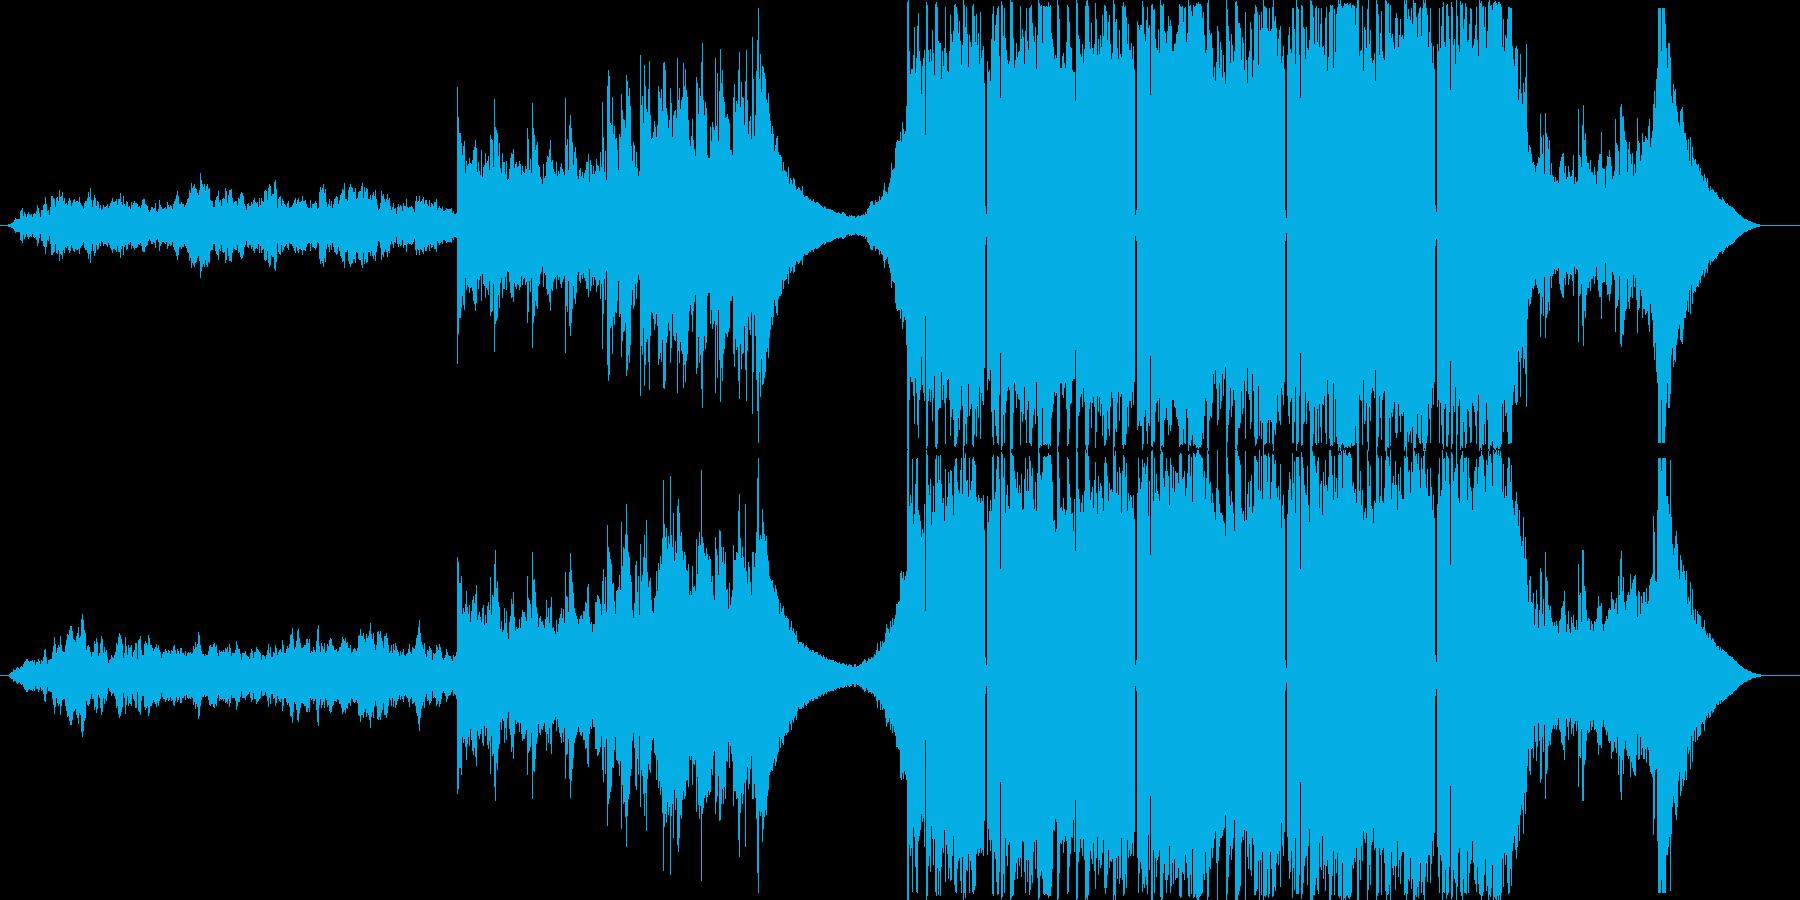 未来感あふれるテクスチャー系EDMの再生済みの波形